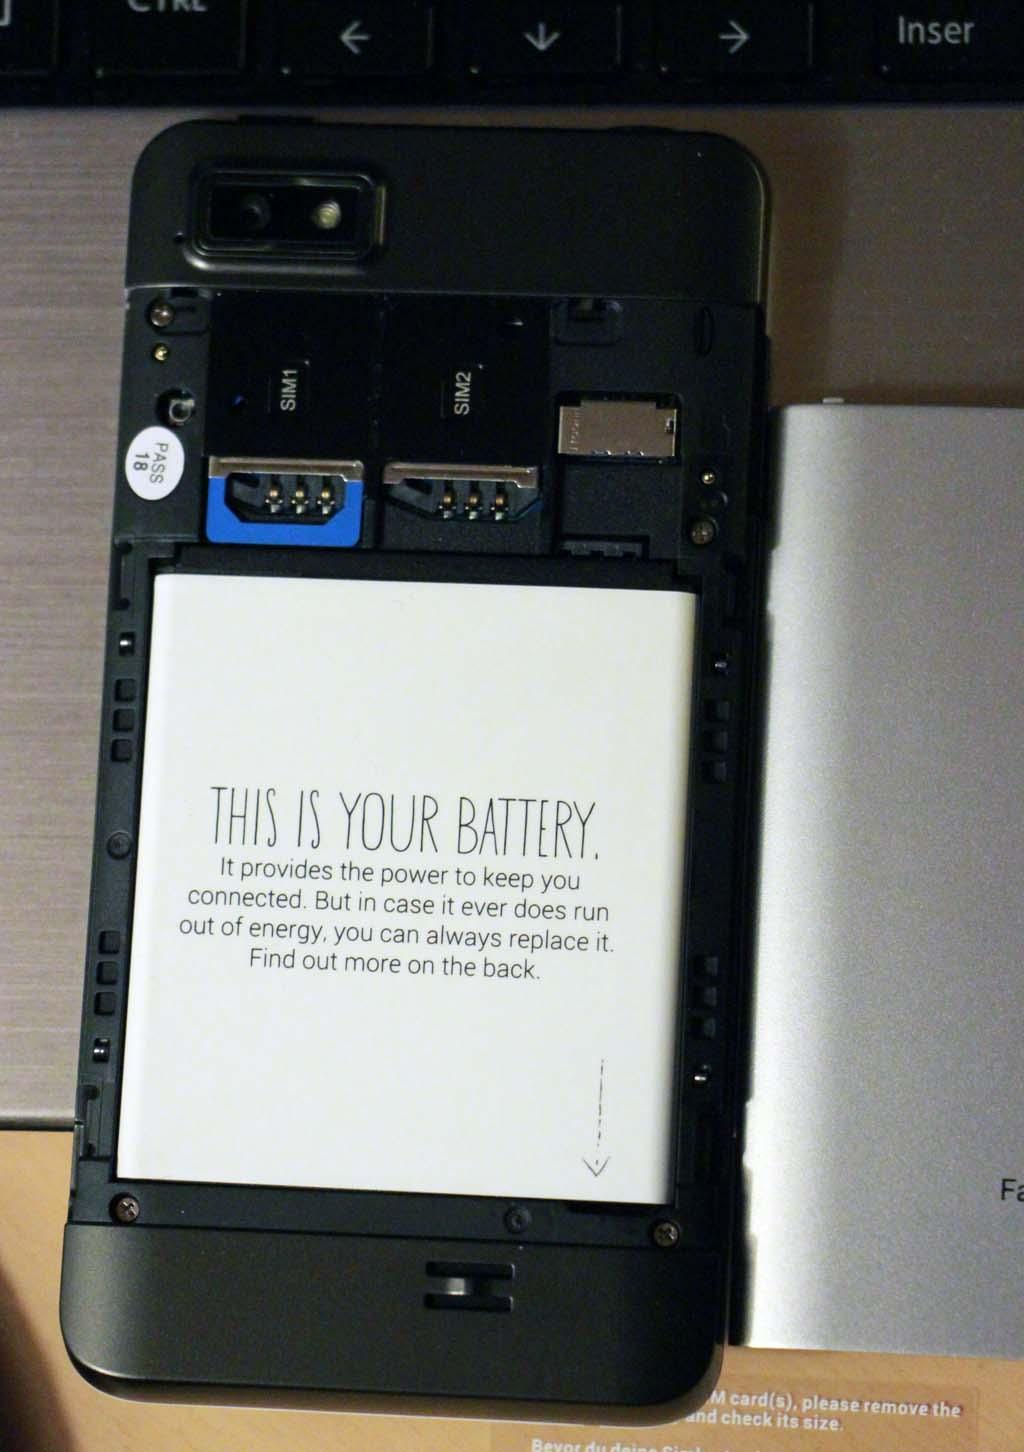 FP1 - Accès à la batterie et aux cartes SIM